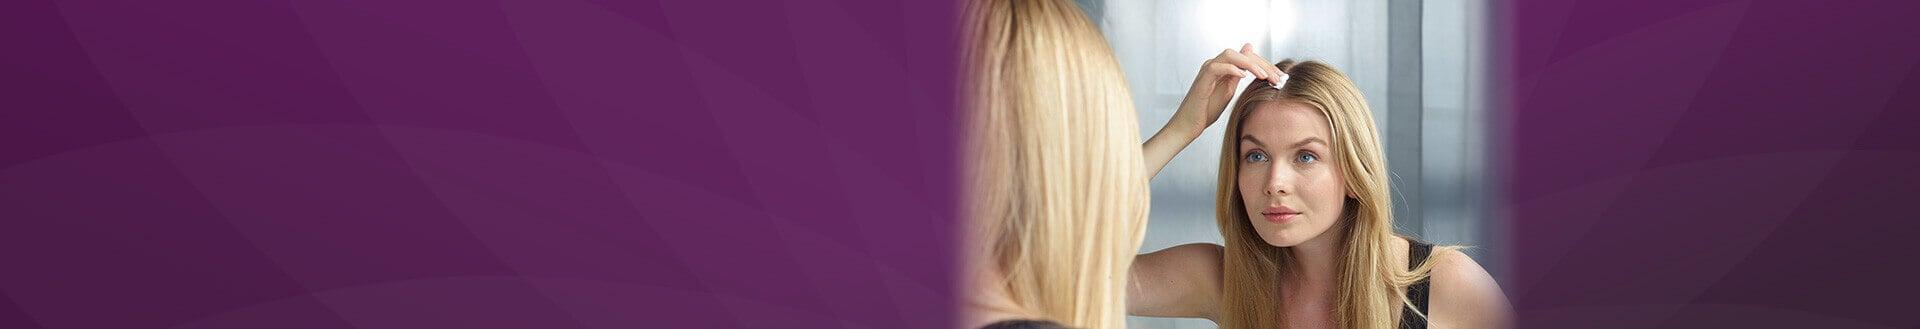 Anwendung Regaine® Frauen Schaum